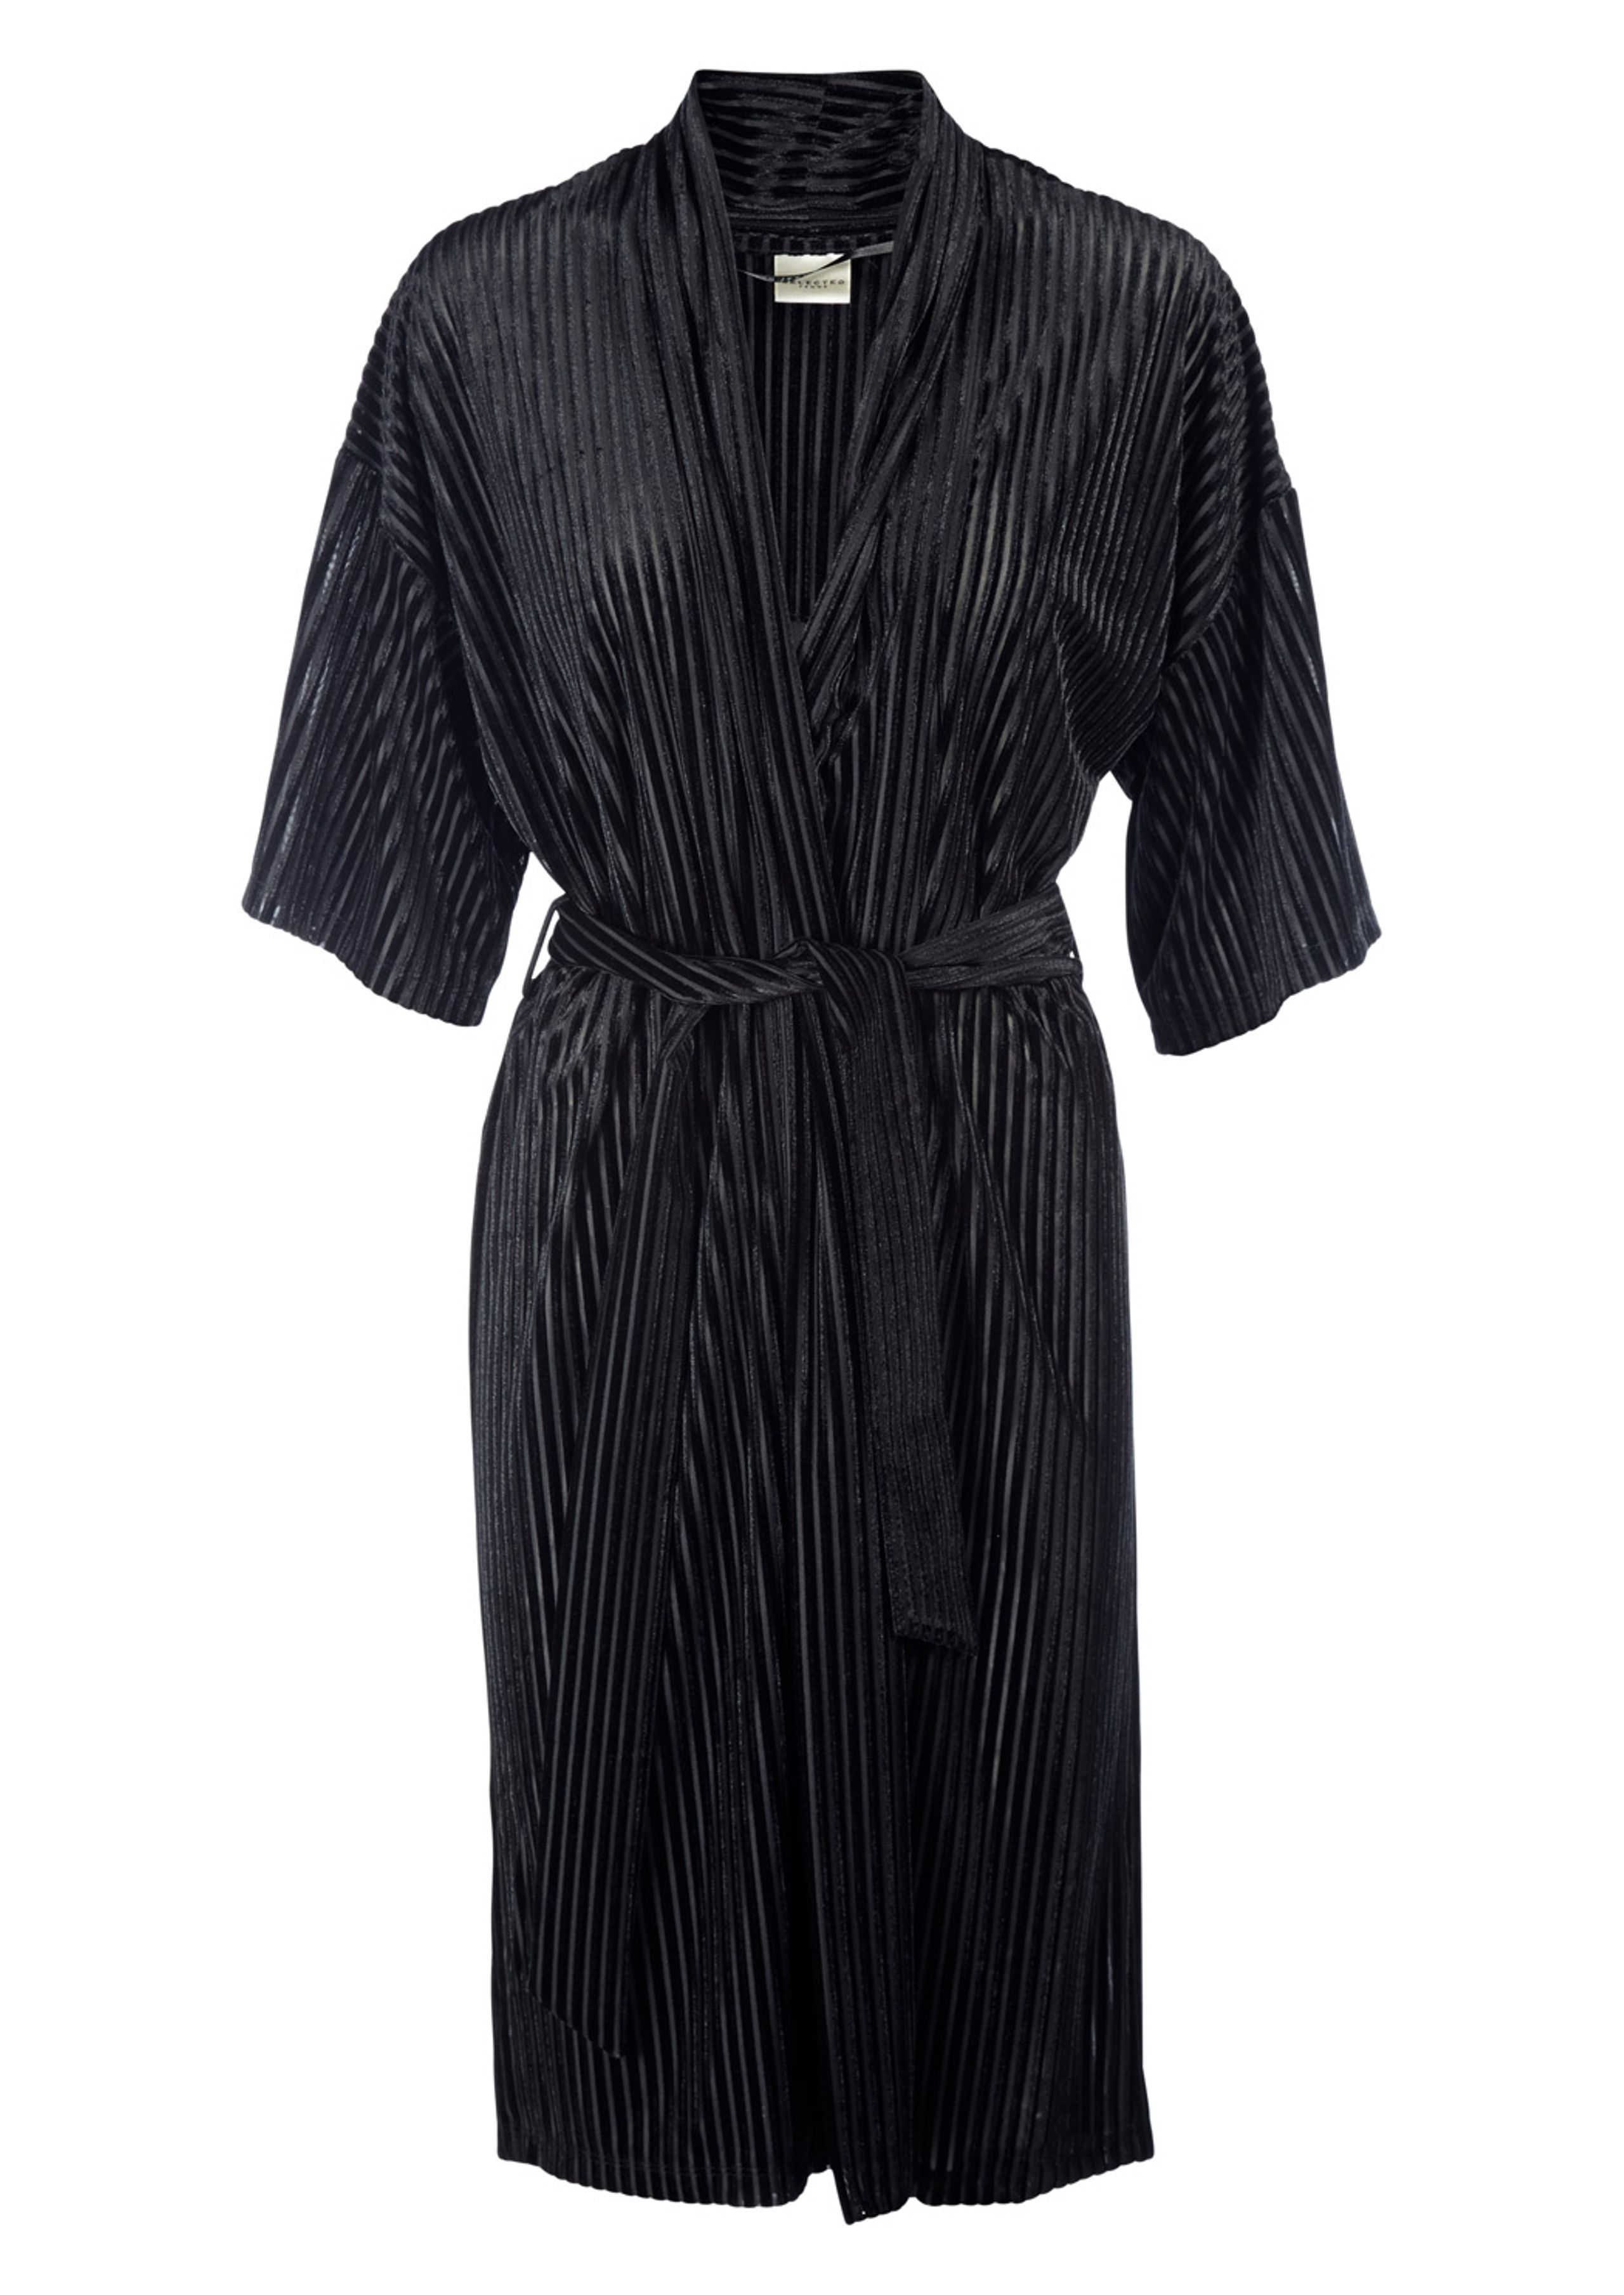 Marla kimono